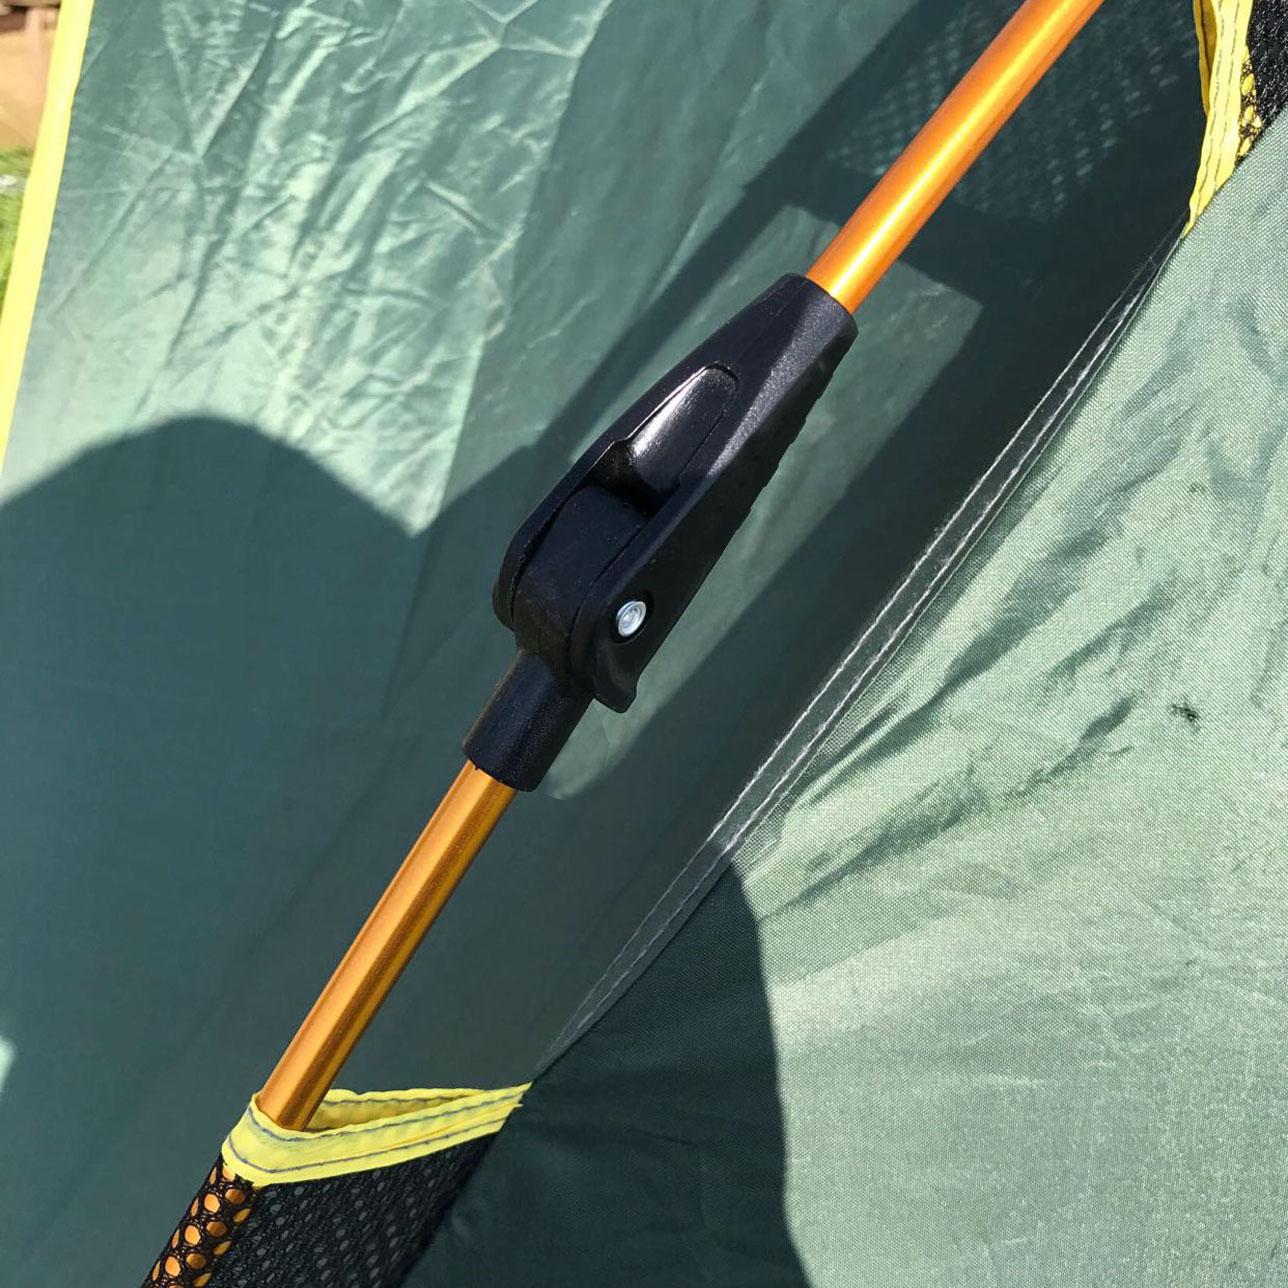 На открытом воздухе автоматическая палатка DIY монтаж ремонт стоять пластик сложить совместная соединитель волокно алюминиевых сплавов общий